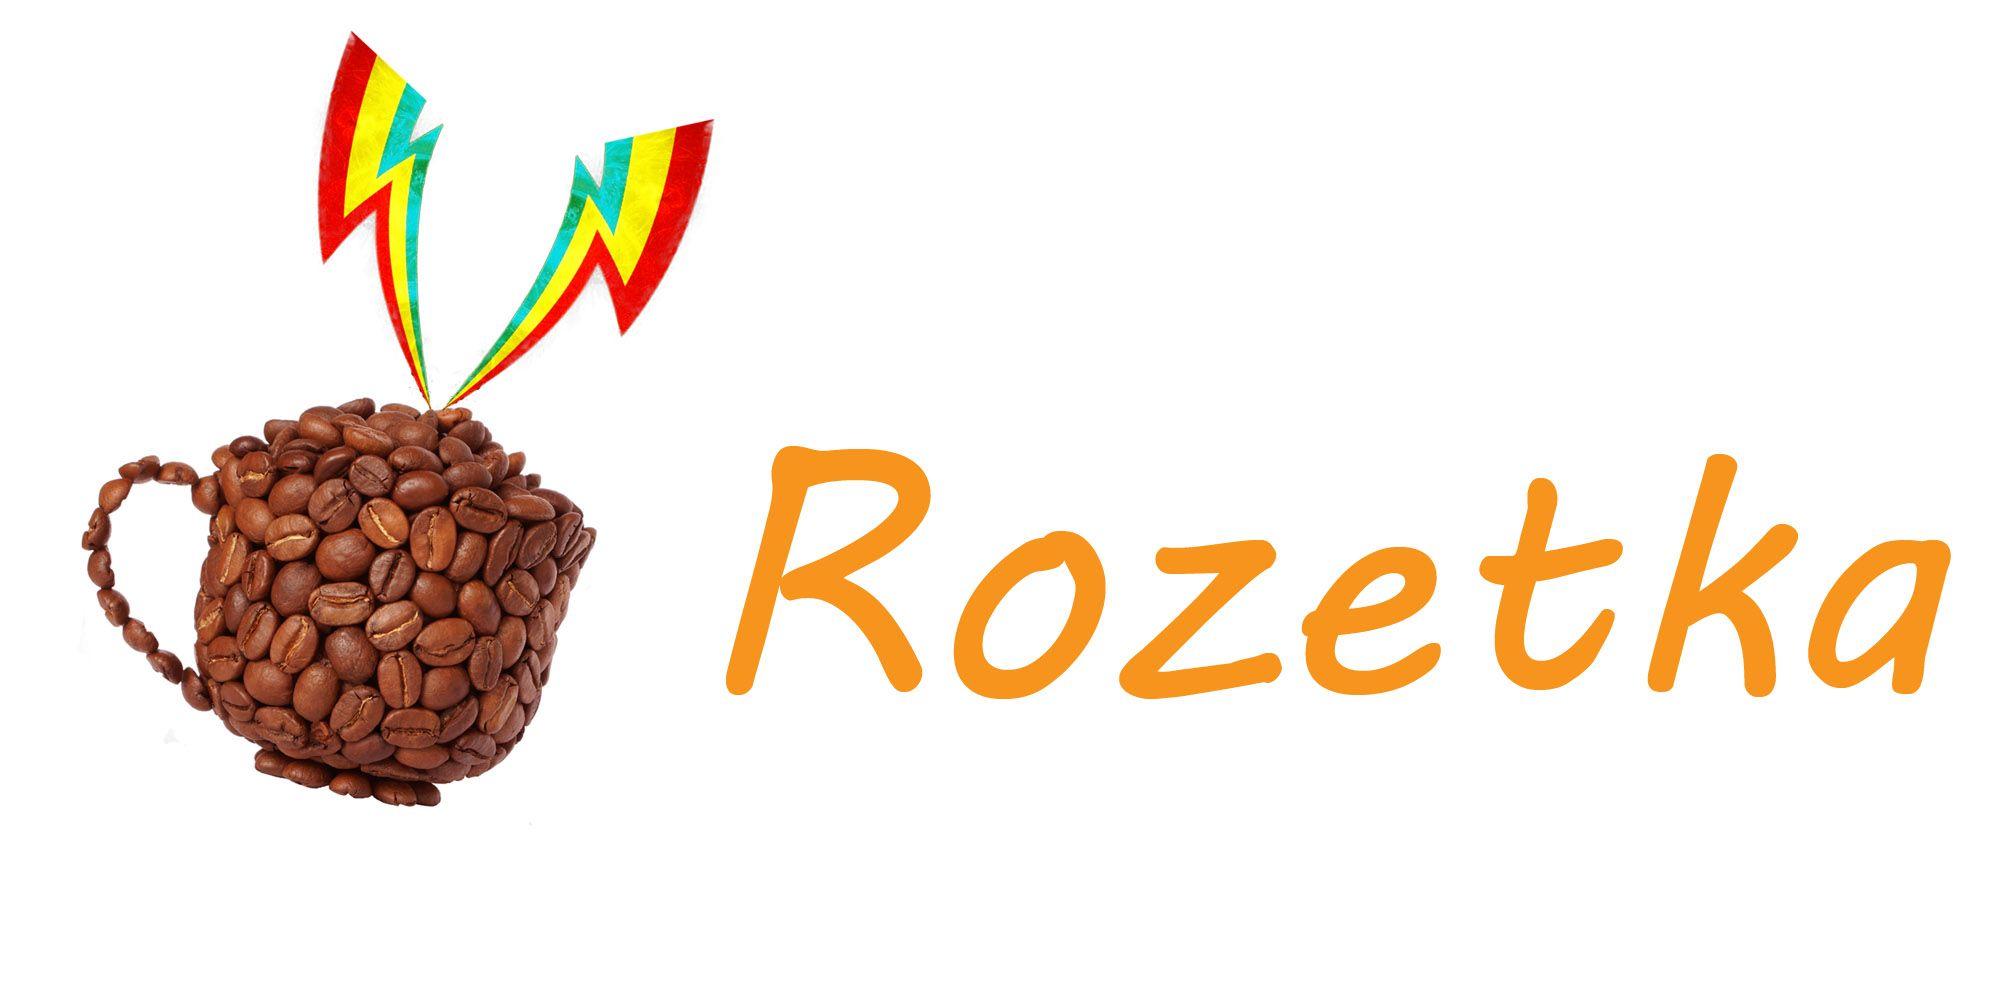 Логотип+Дизайн фирменного стиля для кофейни  - дизайнер serzhkorn